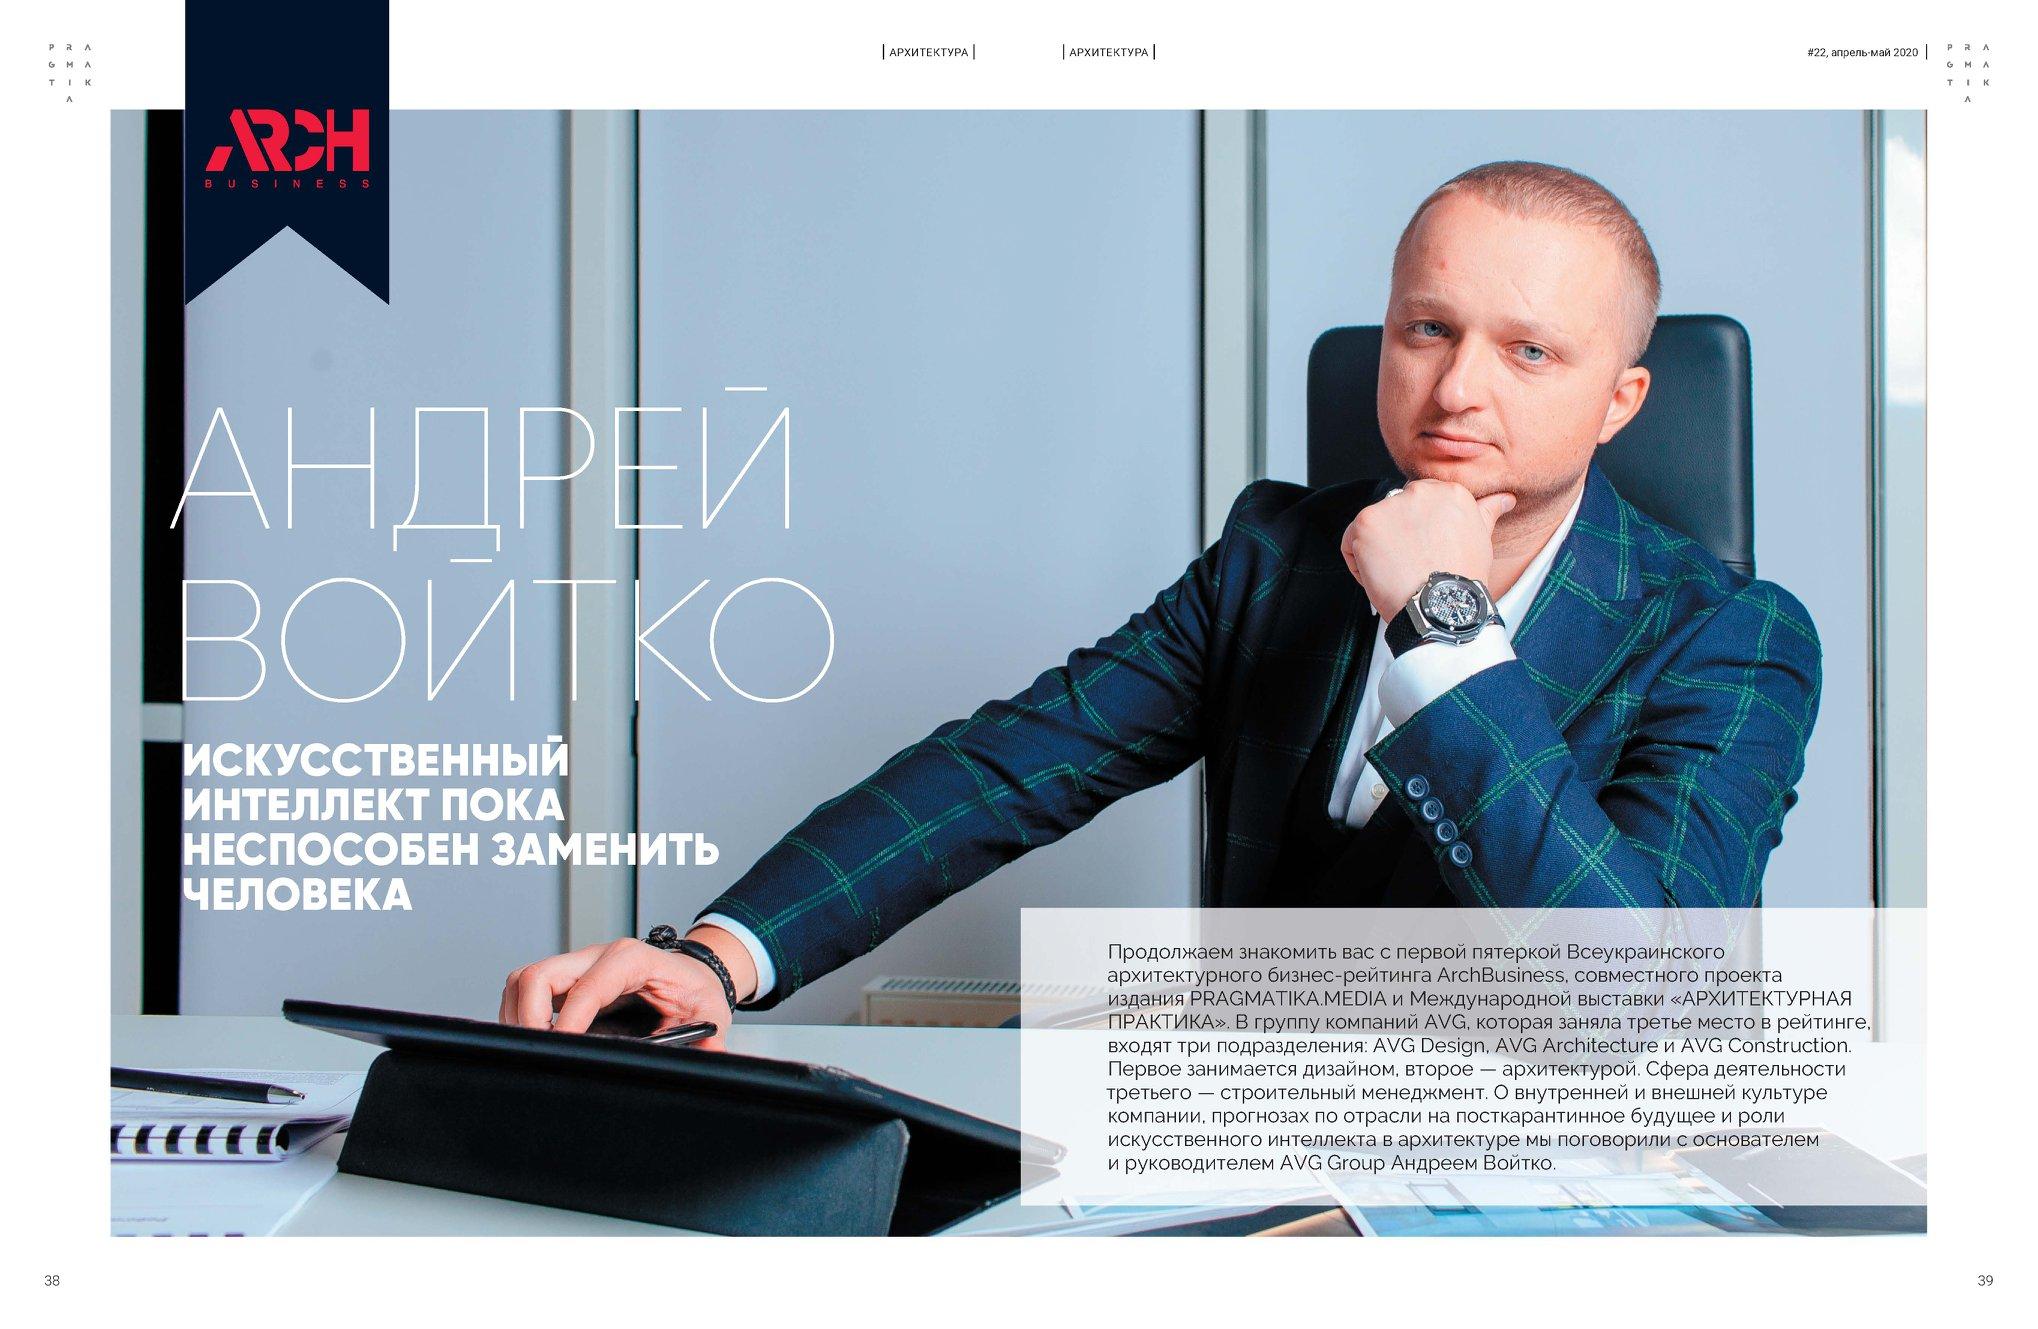 Журнал Pragmatika CEO AVG Андрей Войтко